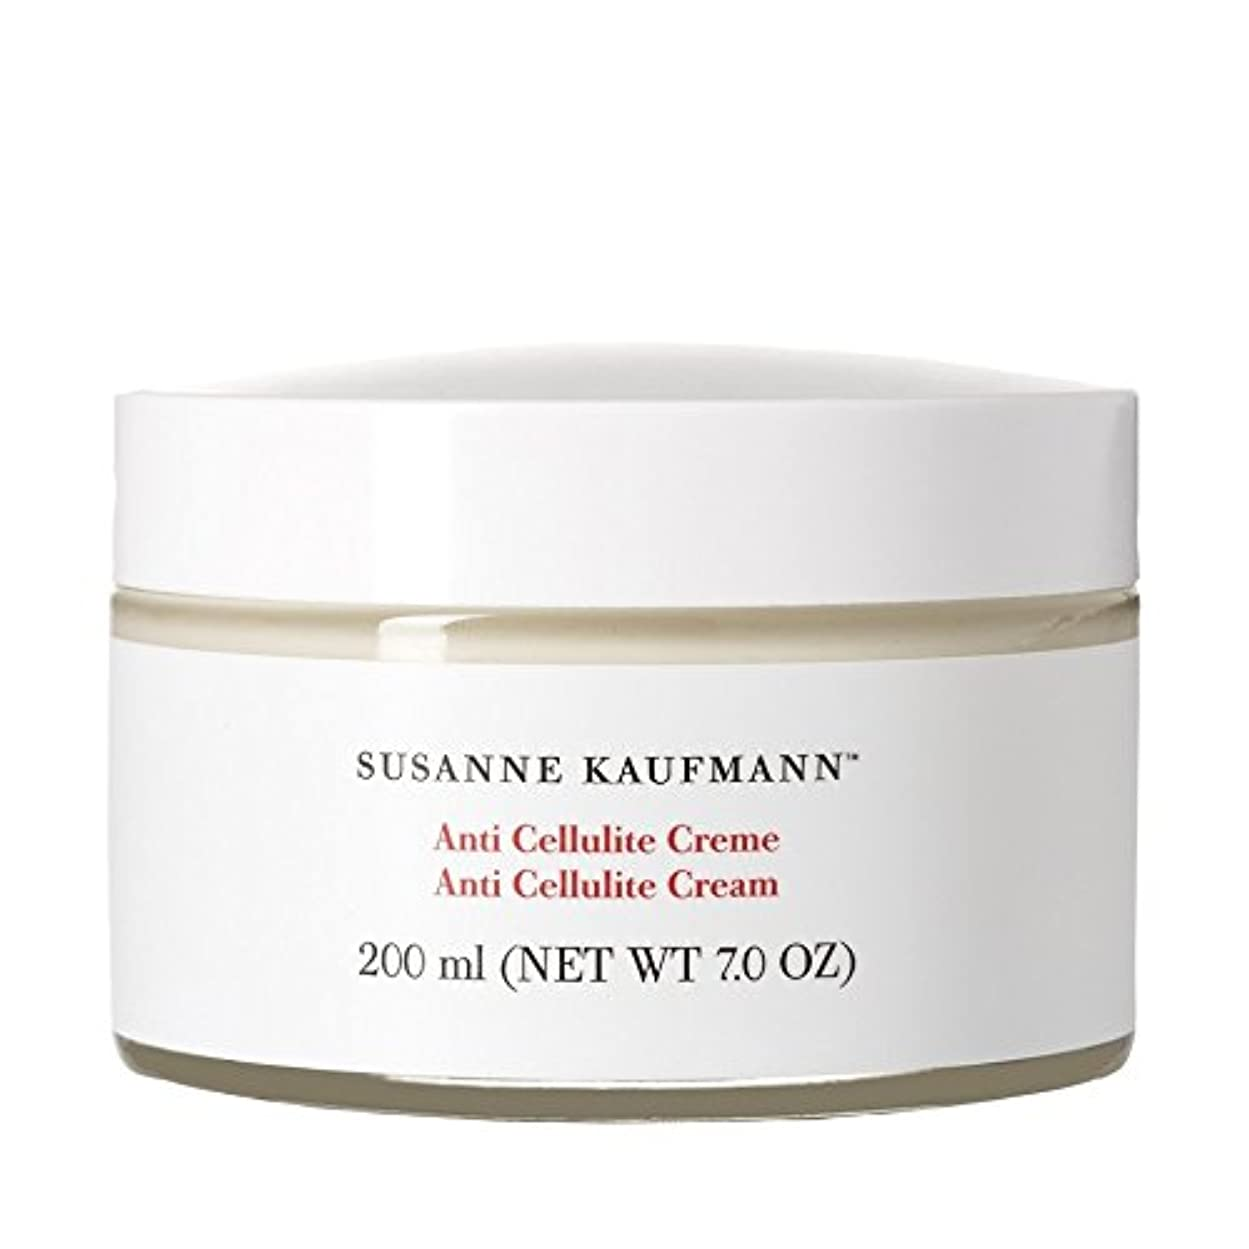 トリム汚染する算術Susanne Kaufmann Anti Cellulite Cream 200ml - スザンヌカウフマン抗セルライトクリーム200ミリリットル [並行輸入品]